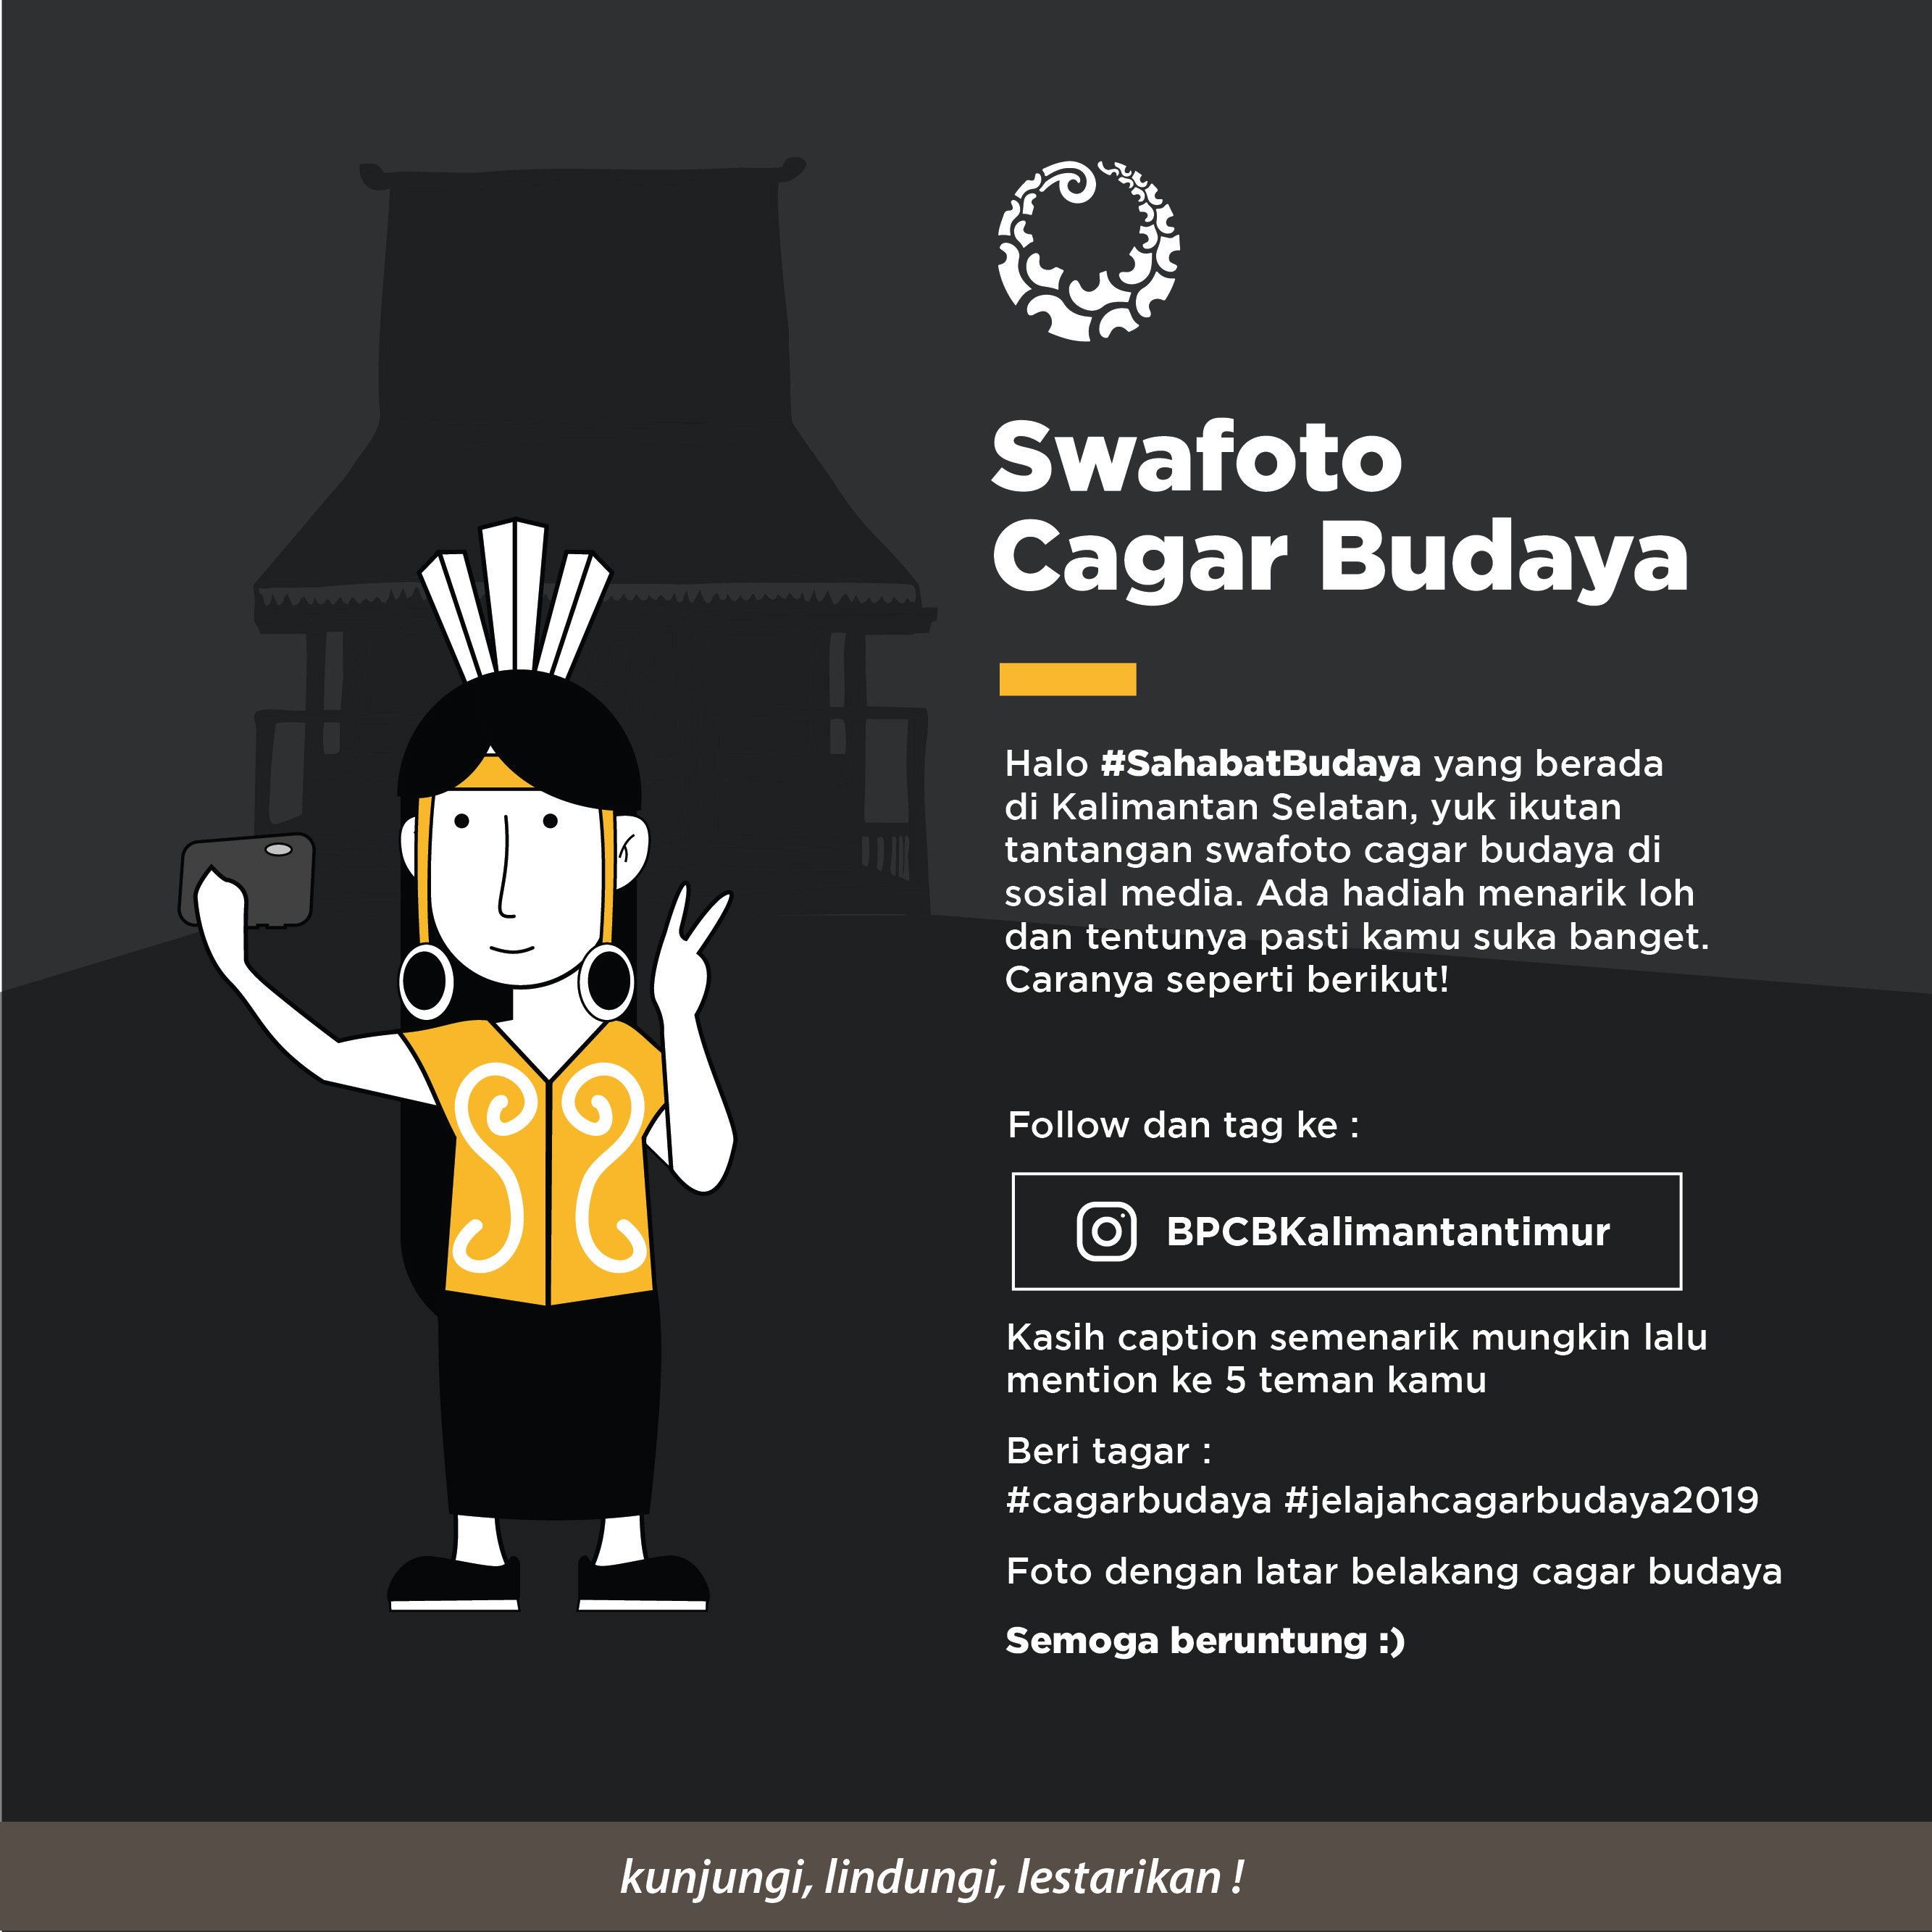 Swafoto Cagar Budaya Di Kalimantan Selatan